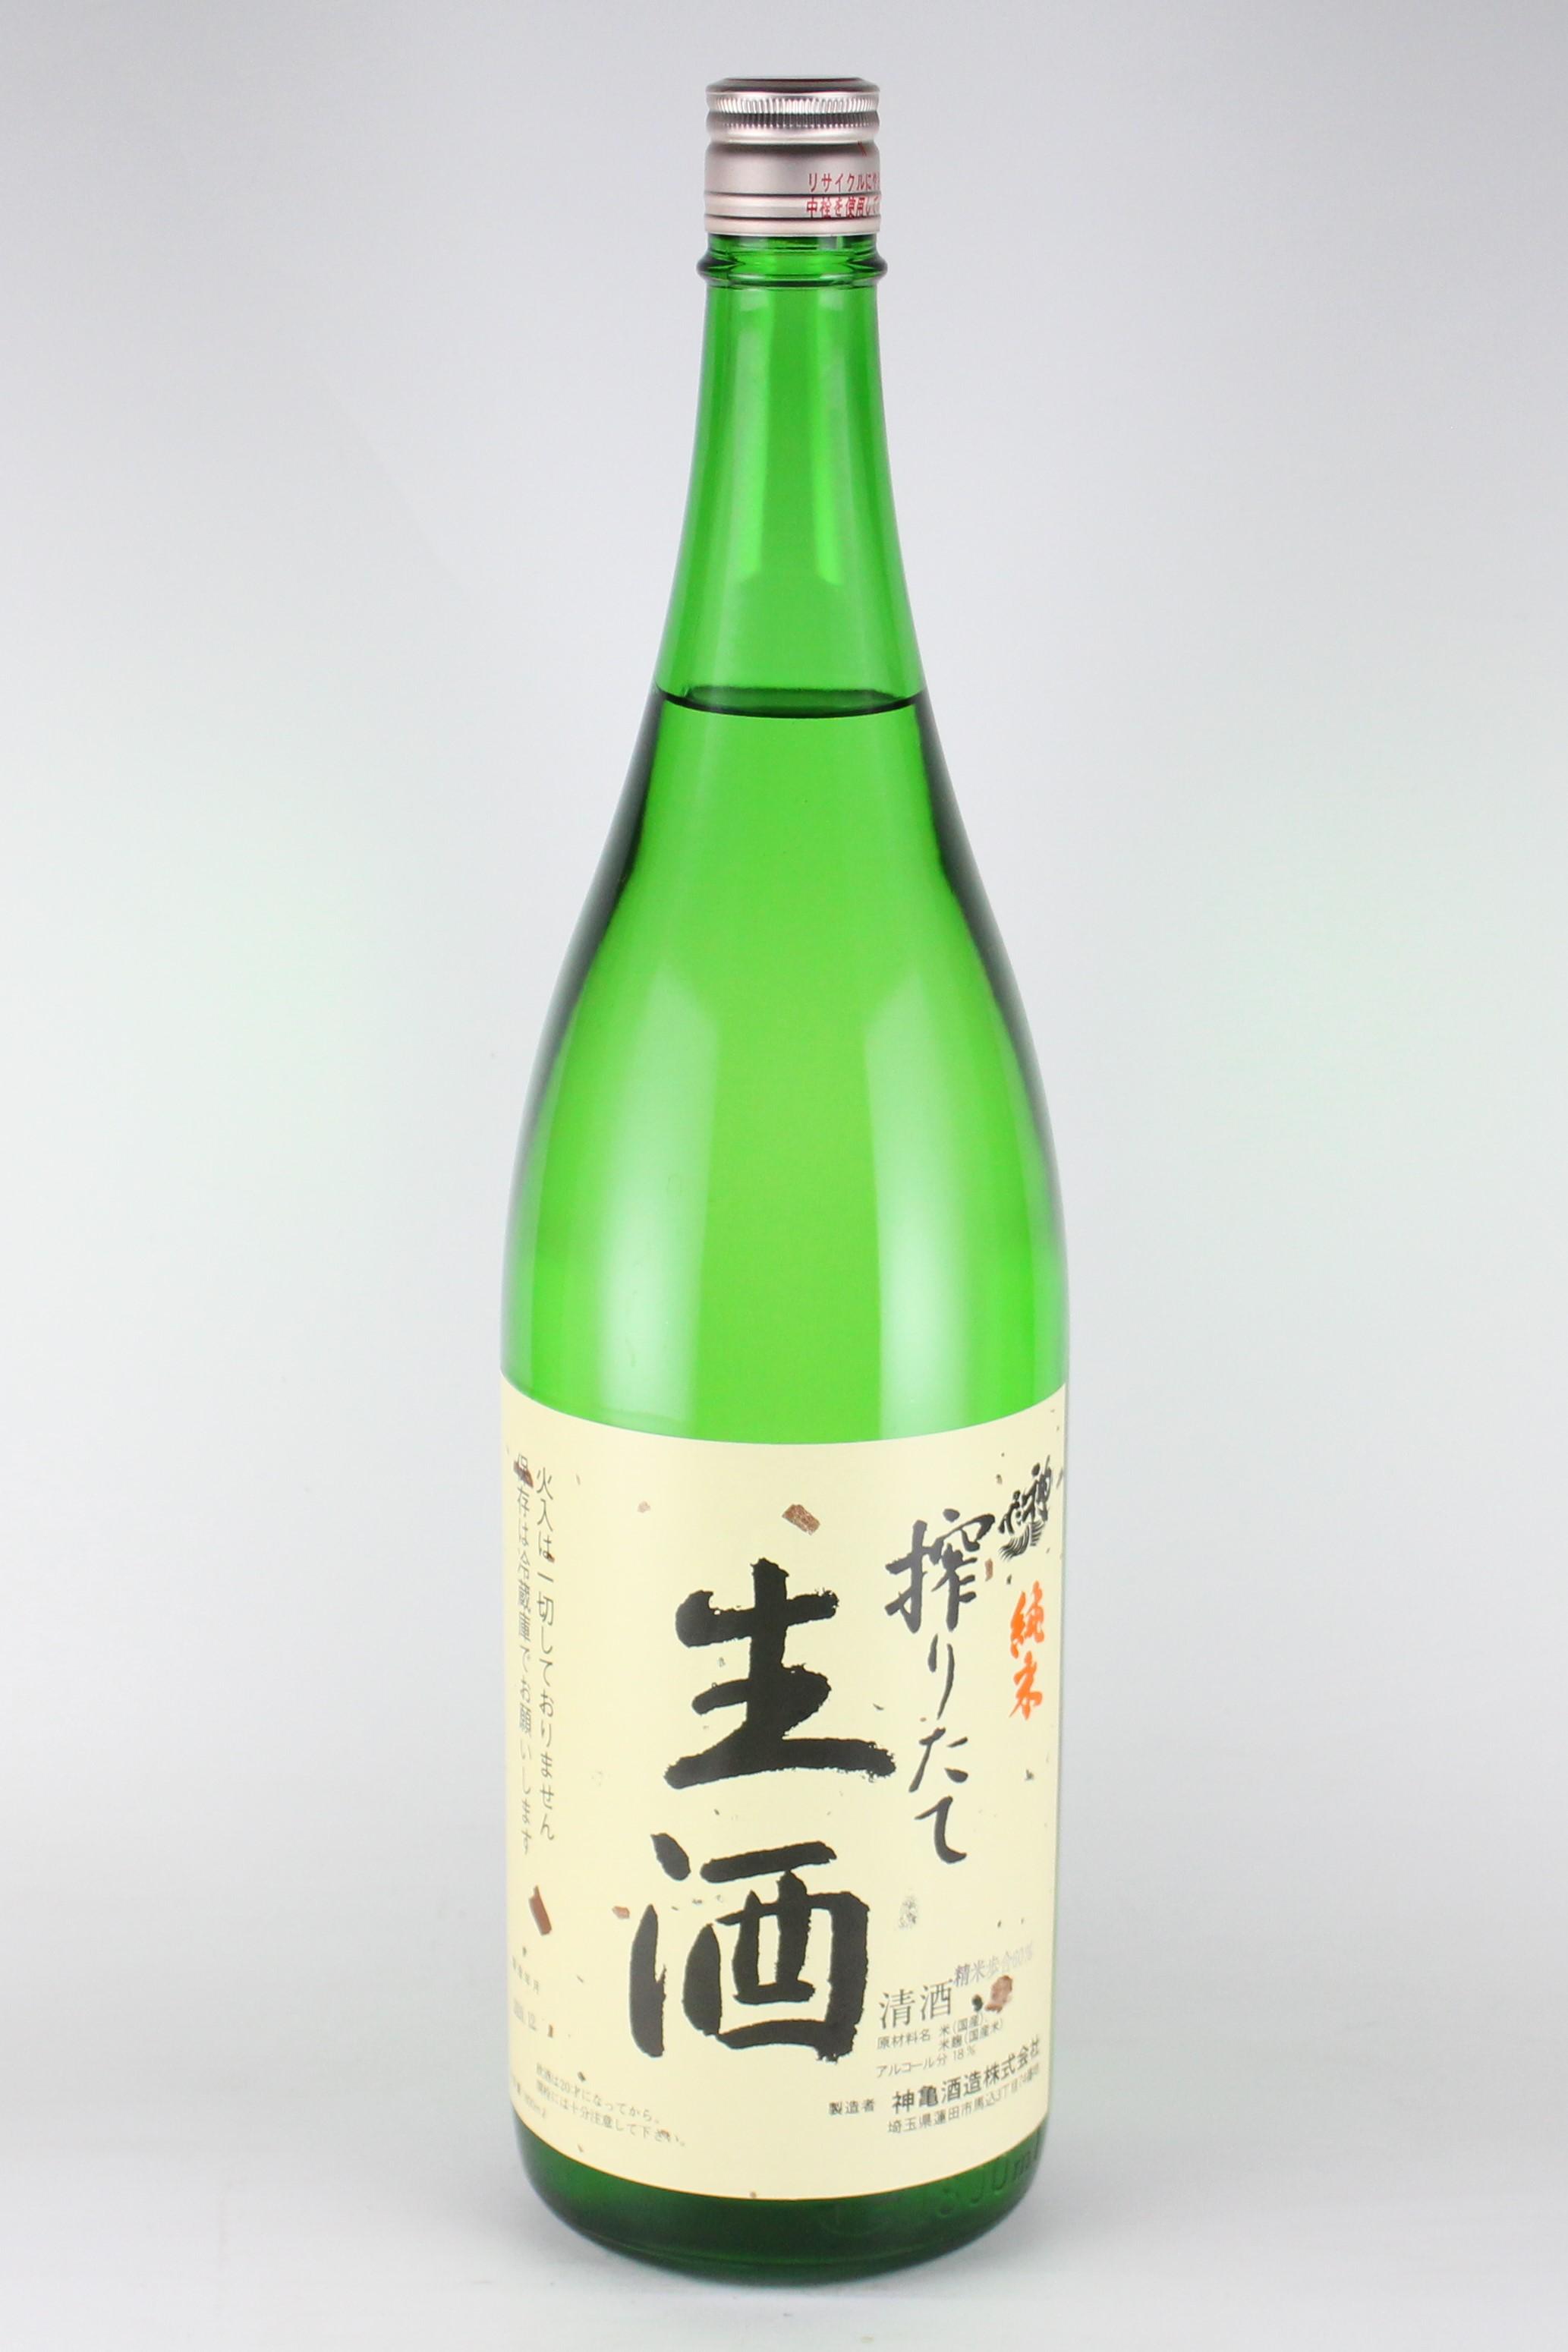 神亀 純米無濾過生原酒 搾りたて 仕込7号 1800ml 【埼玉/神亀酒造】2020(令和2)醸造年度